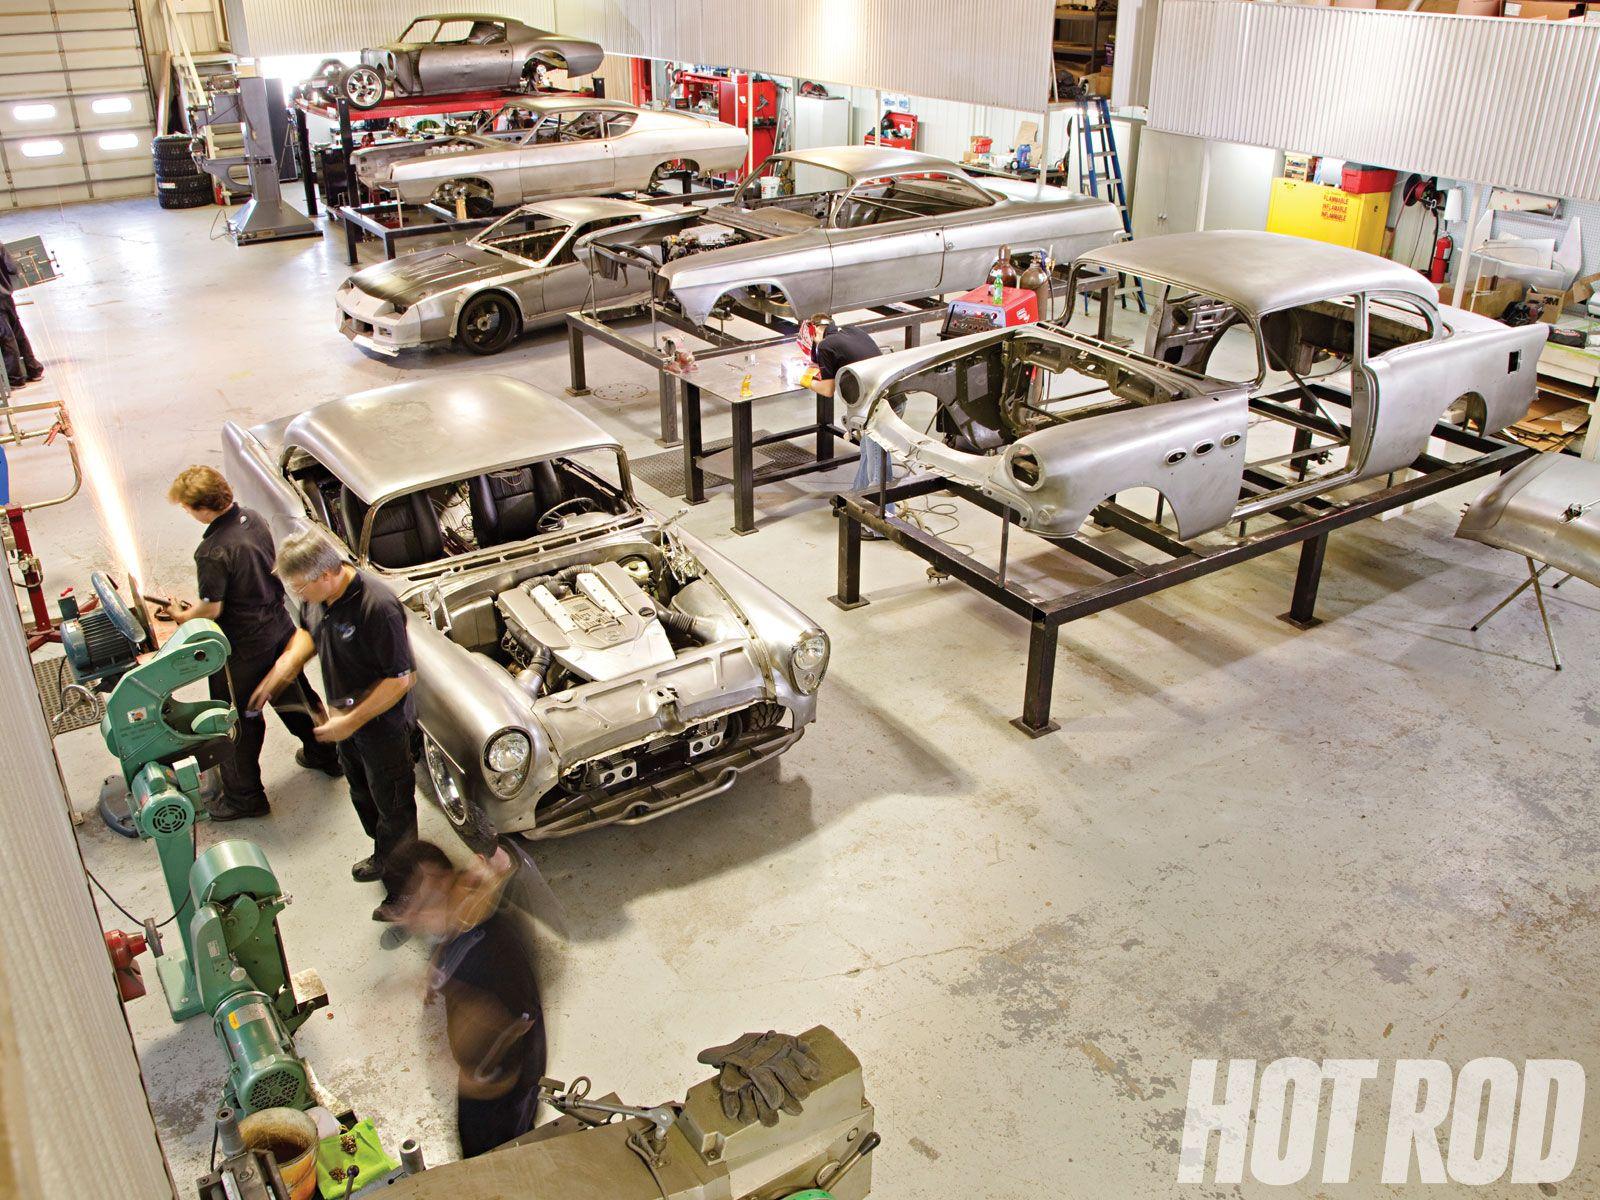 Hot Rod Garage Ideas : Share